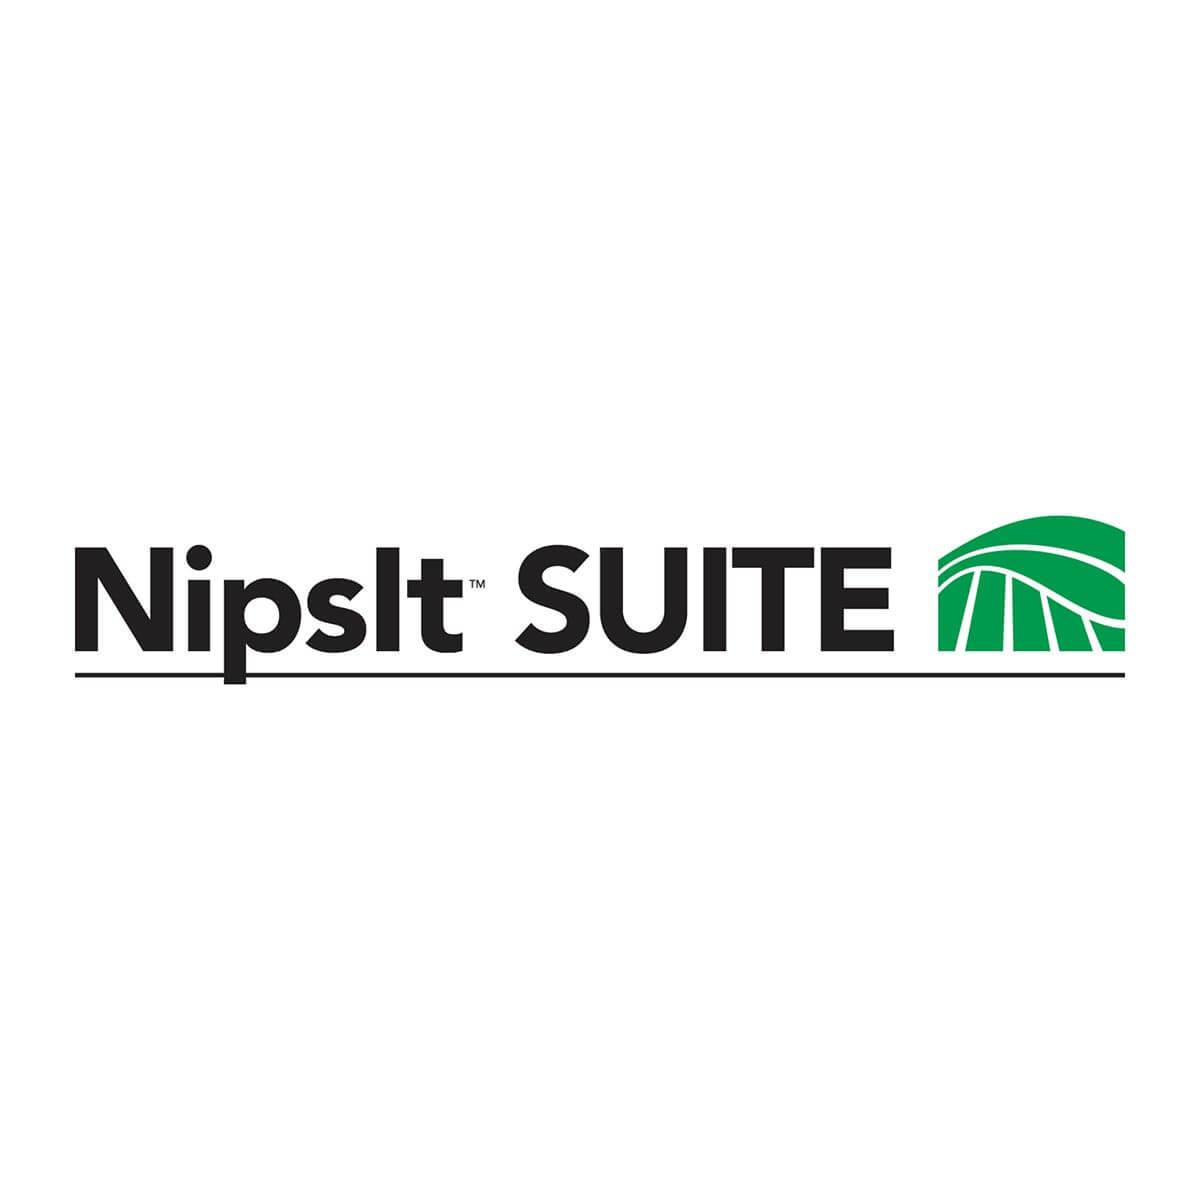 NIPSIT SUITE 100L